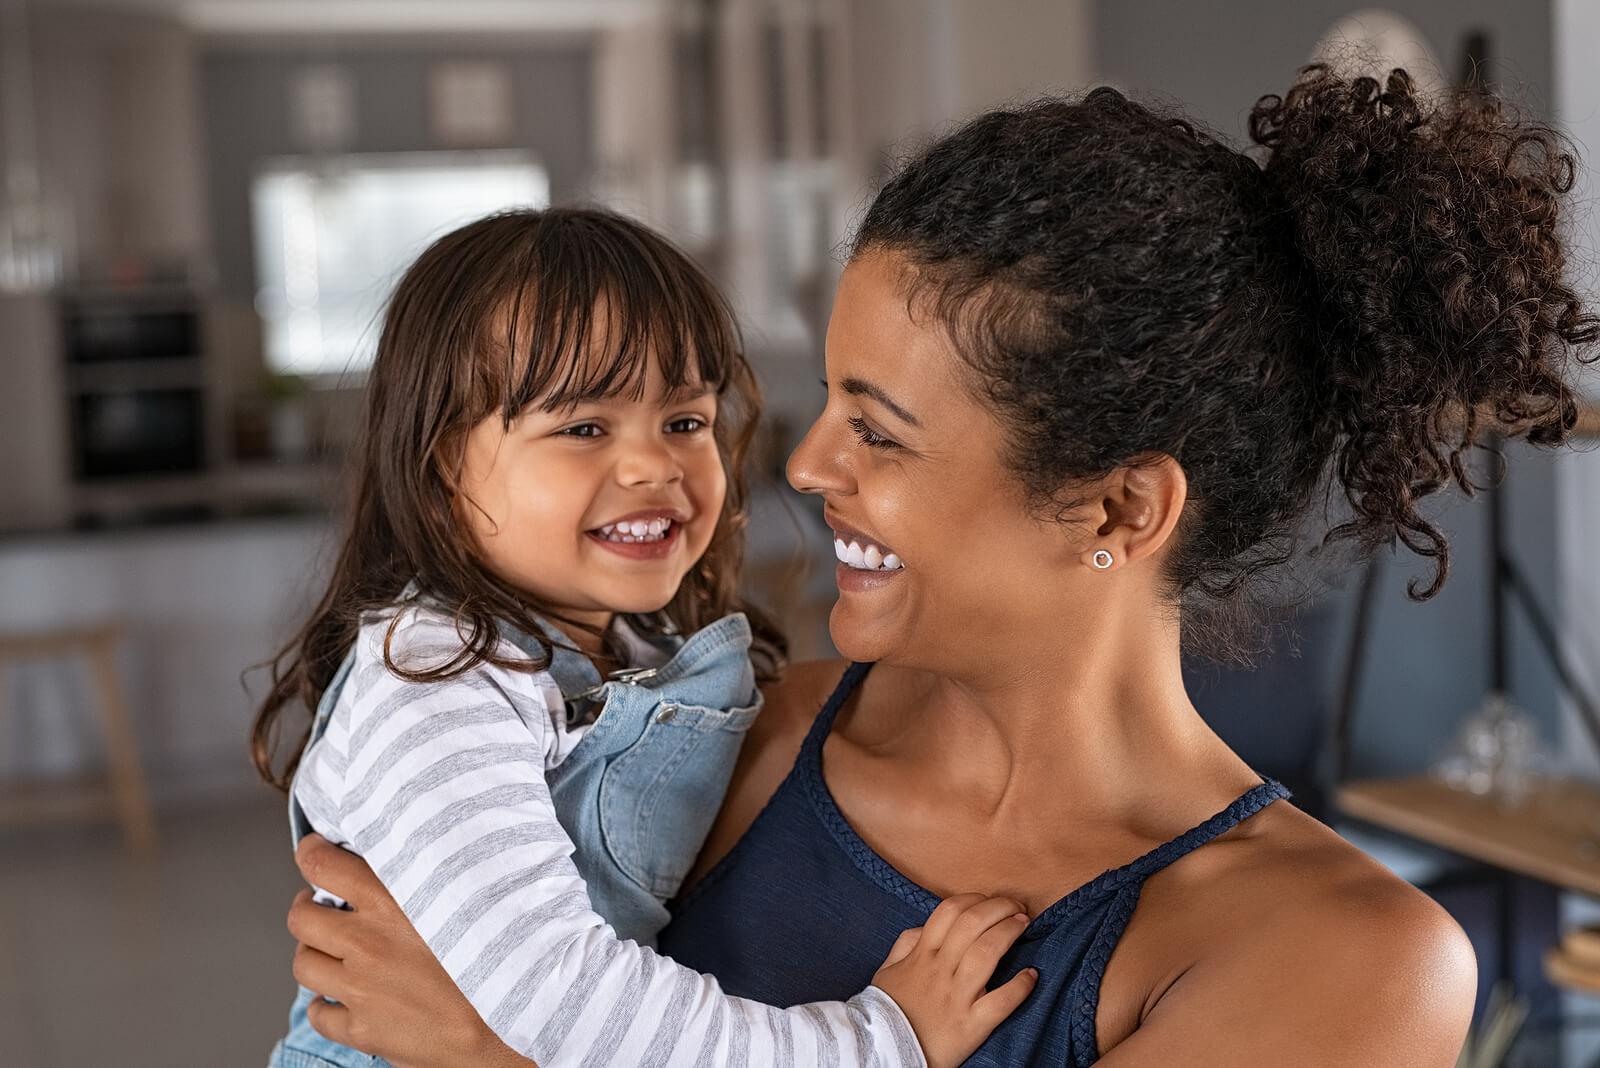 Madre abrazando a su hija con una sonrisa de felicidad.